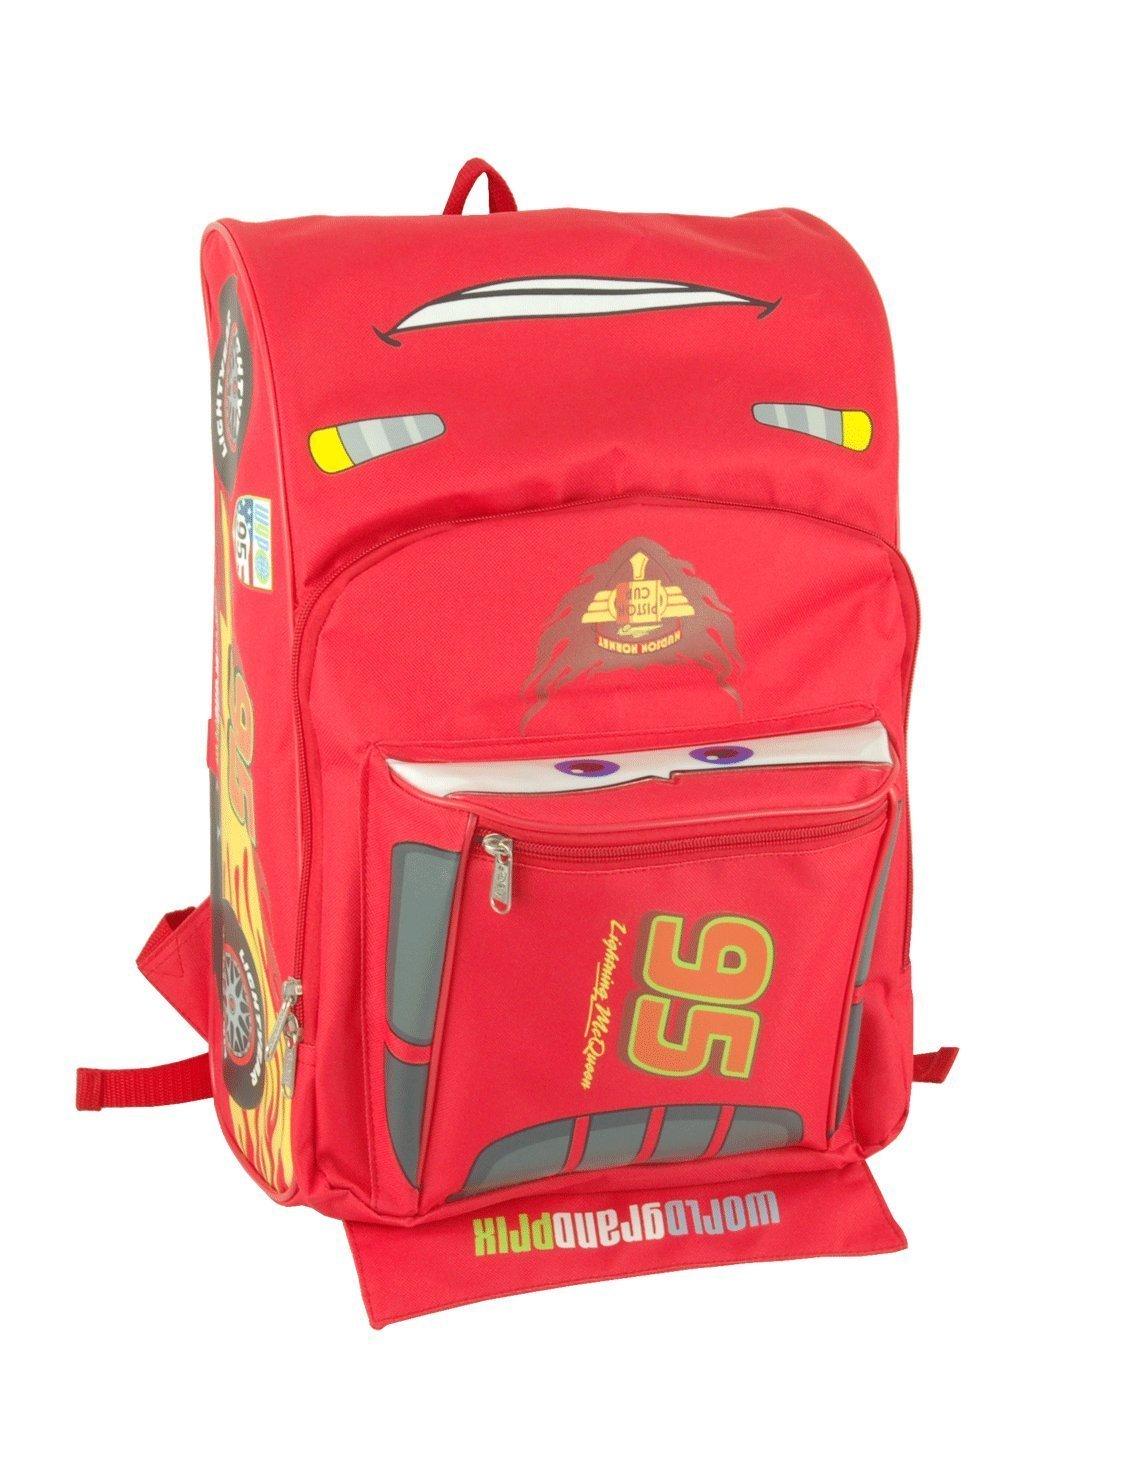 Backpack - Disney - Cars - Lightning Mcqueen Shape Large Bag New 625597 Ruz